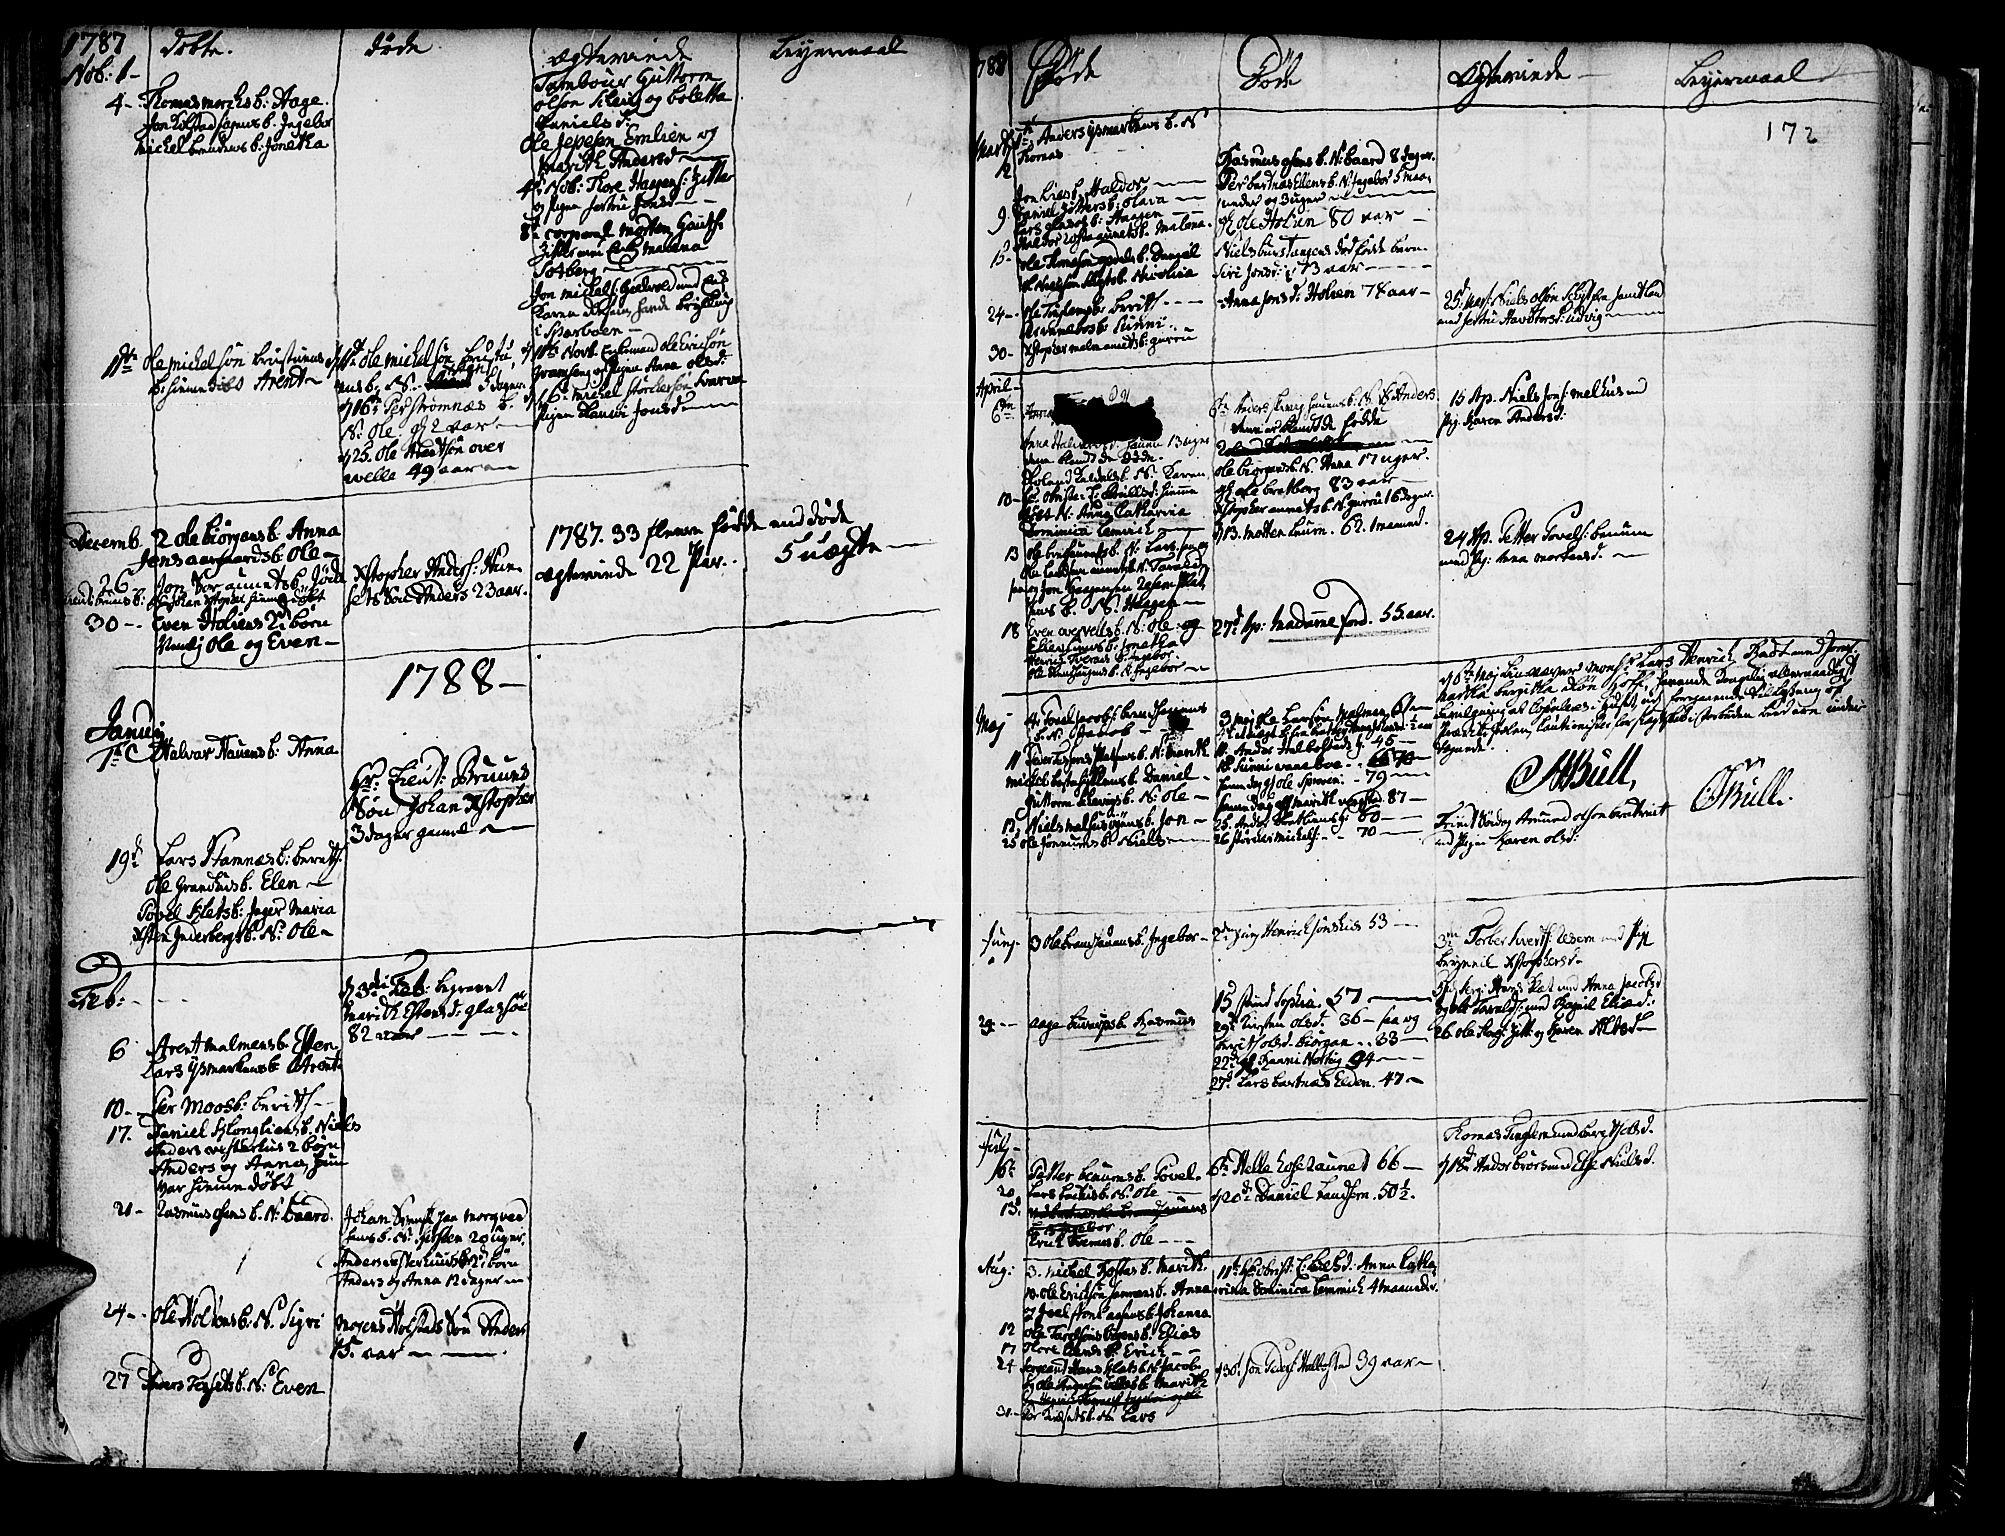 SAT, Ministerialprotokoller, klokkerbøker og fødselsregistre - Nord-Trøndelag, 741/L0385: Ministerialbok nr. 741A01, 1722-1815, s. 172